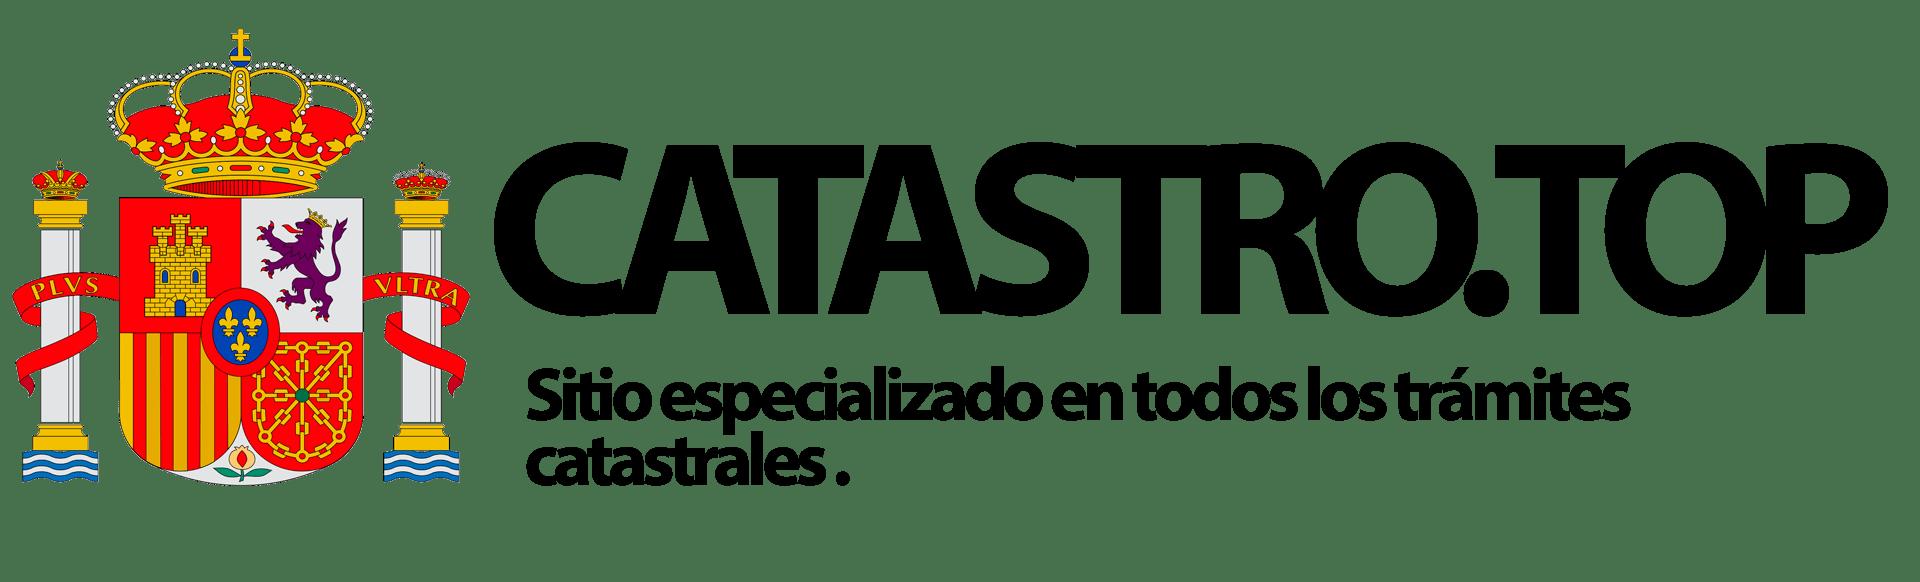 CATASTRO logotipo